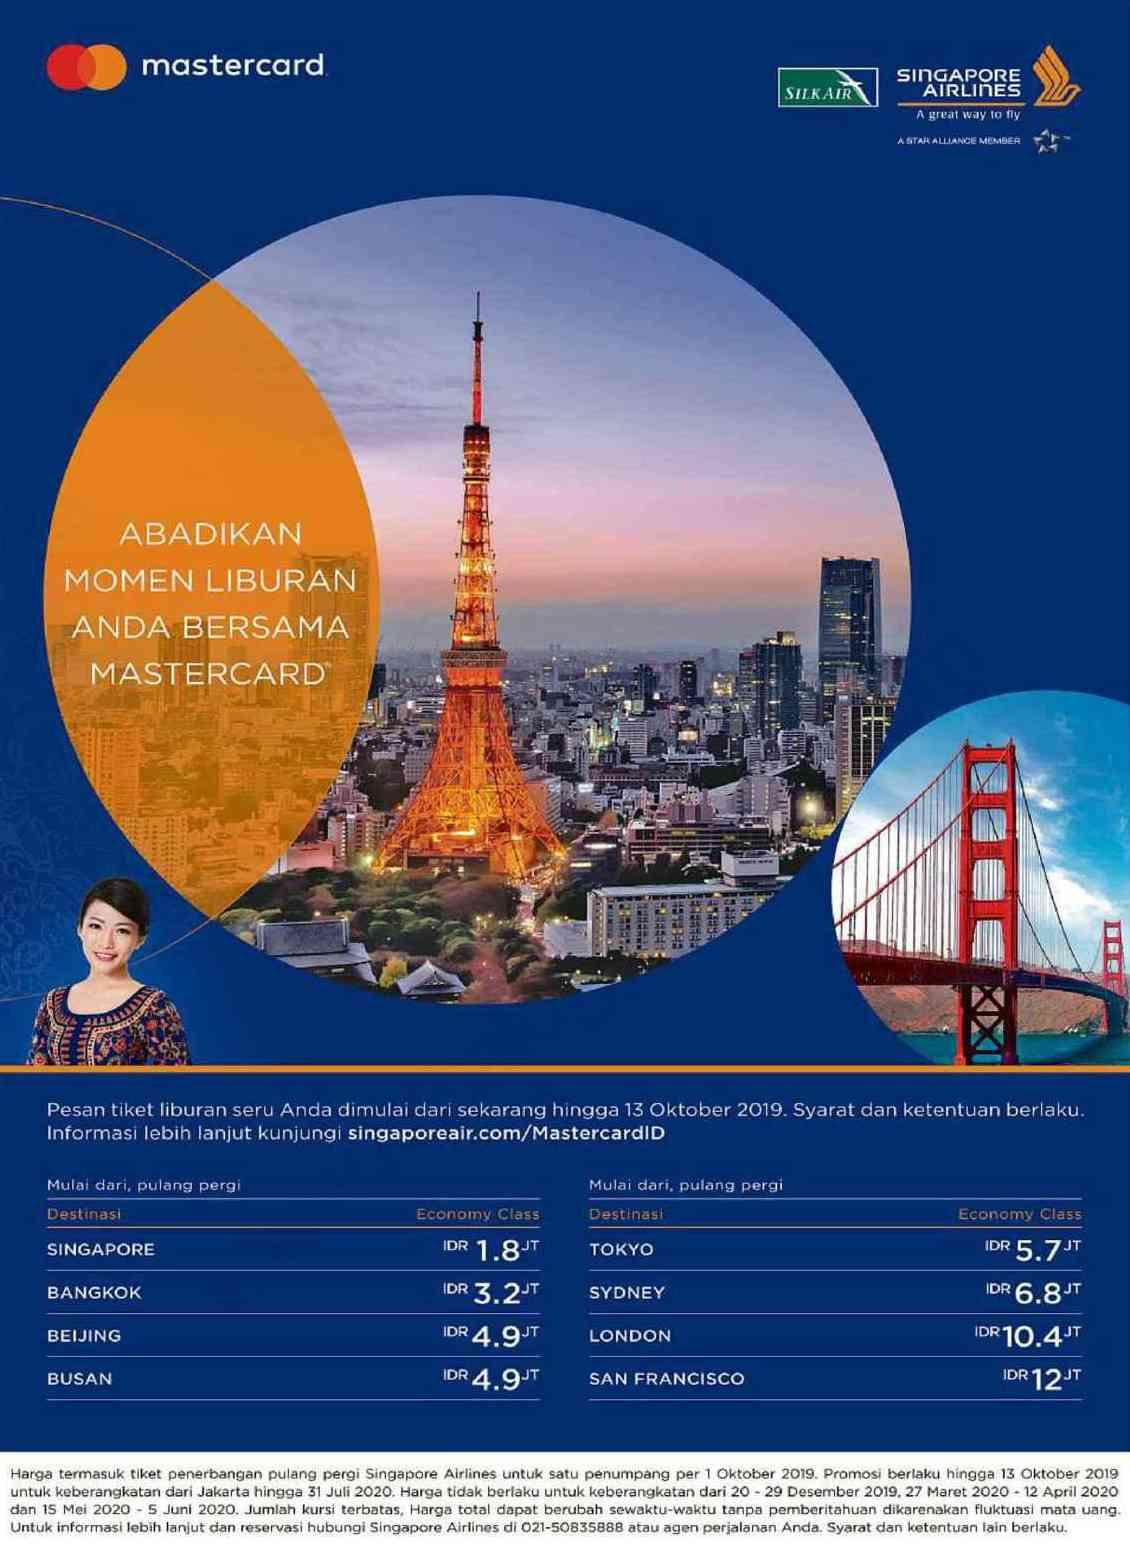 Diskon Singapore Airlines Promo Rp.1,8 Juta PP Terbang ke Singapura dan Destinasi Lainnya.